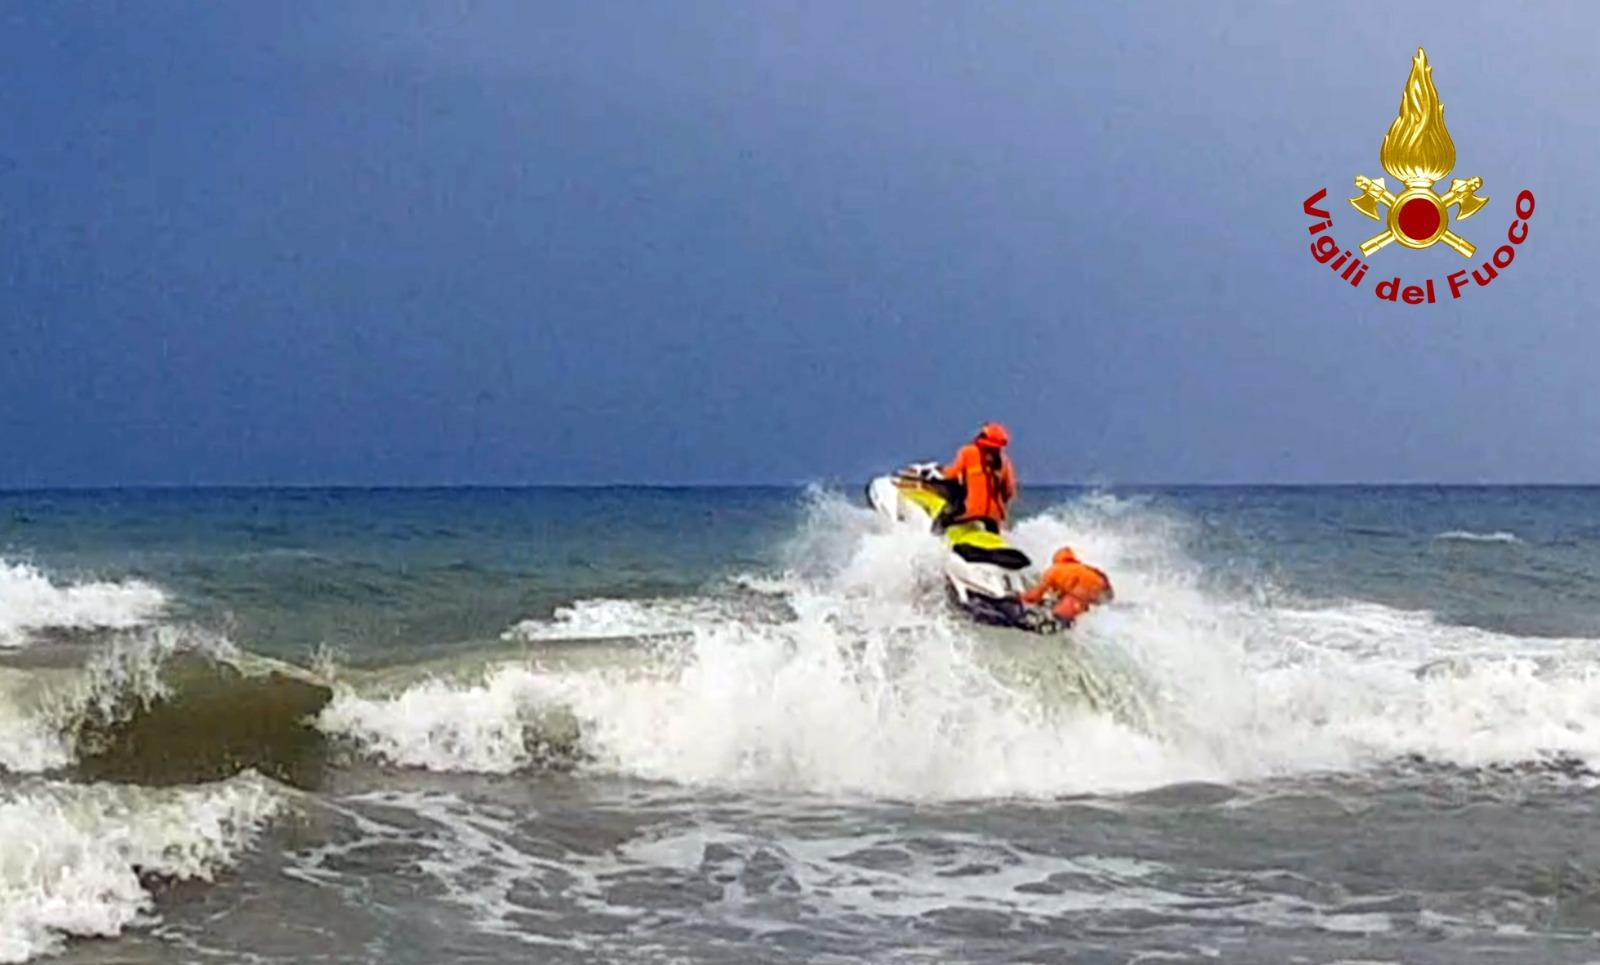 Surfista soccorso in mare dai vigili del fuoco e la guardia costiera (foto e video)